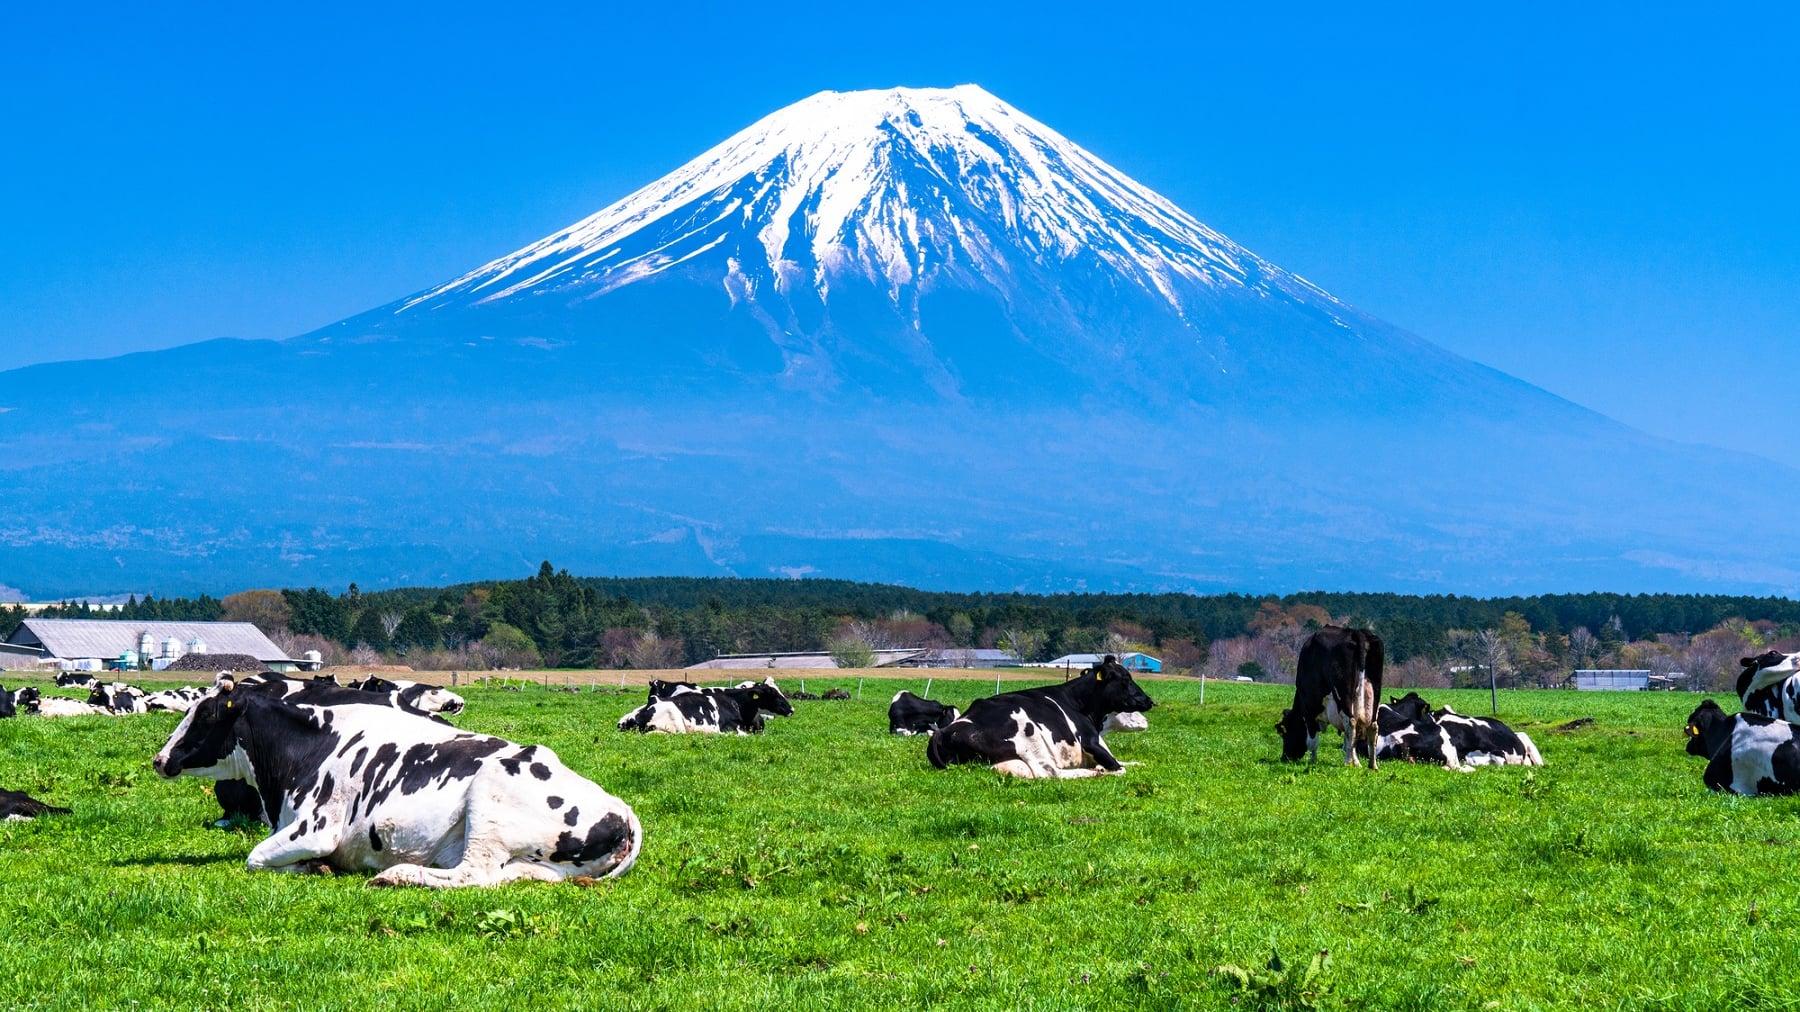 富士山の麓に広がる草原地帯!朝霧高原のおすすめ観光スポットをご紹介!